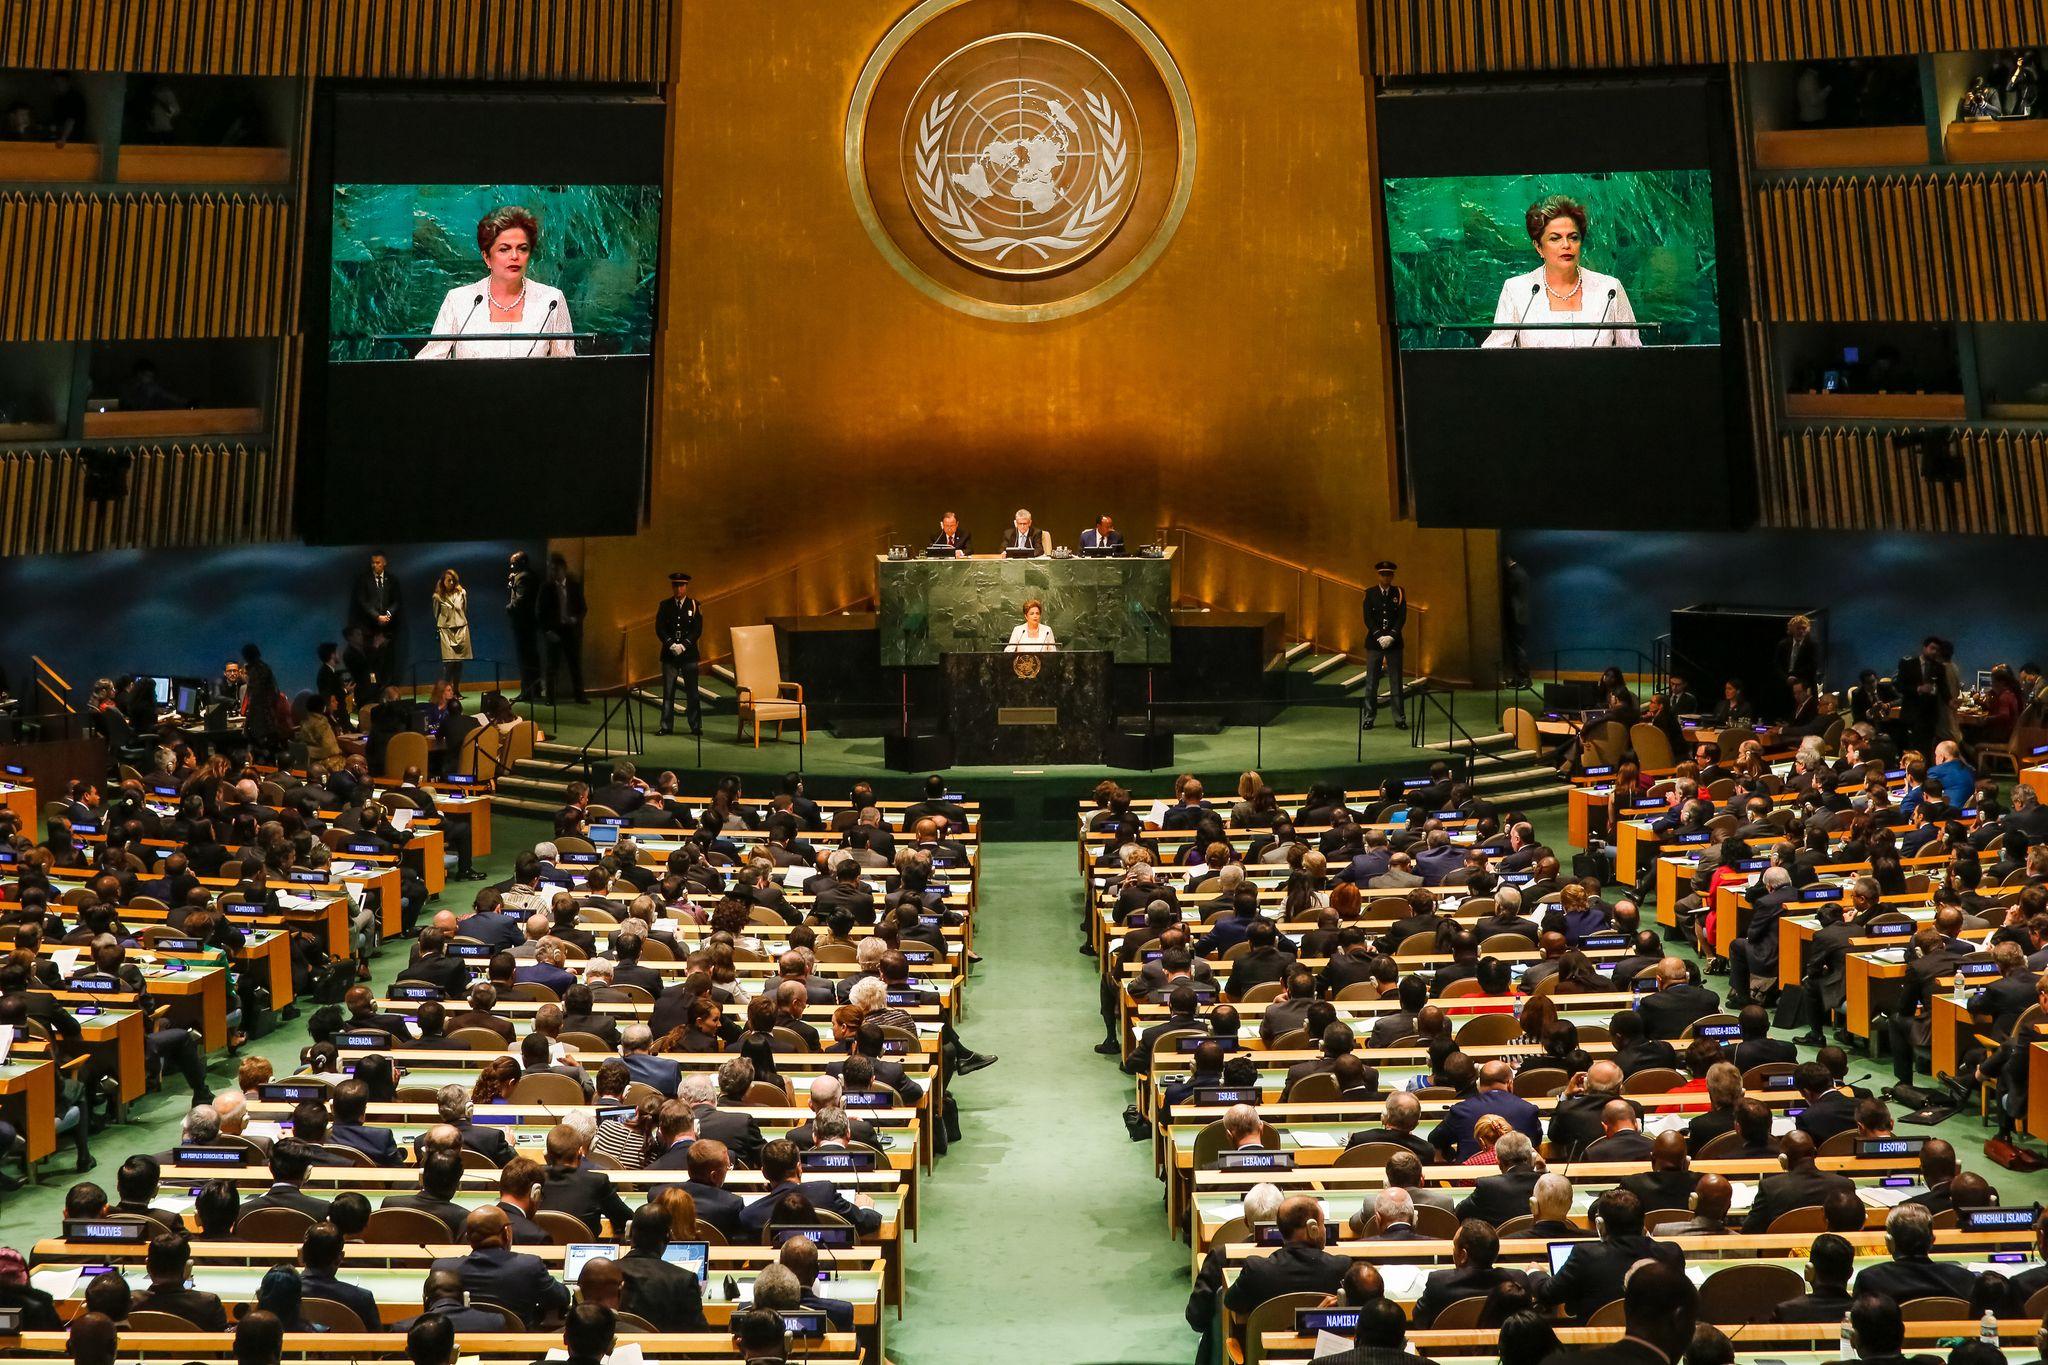 Nova Iorque - EUA, 28/09/2015. Presidenta Dilma Rousseff durante encontro com o Secretário-Geral das Nações Unidas, Ban Ki-Moon. Foto: Roberto Stuckert Filho/PR